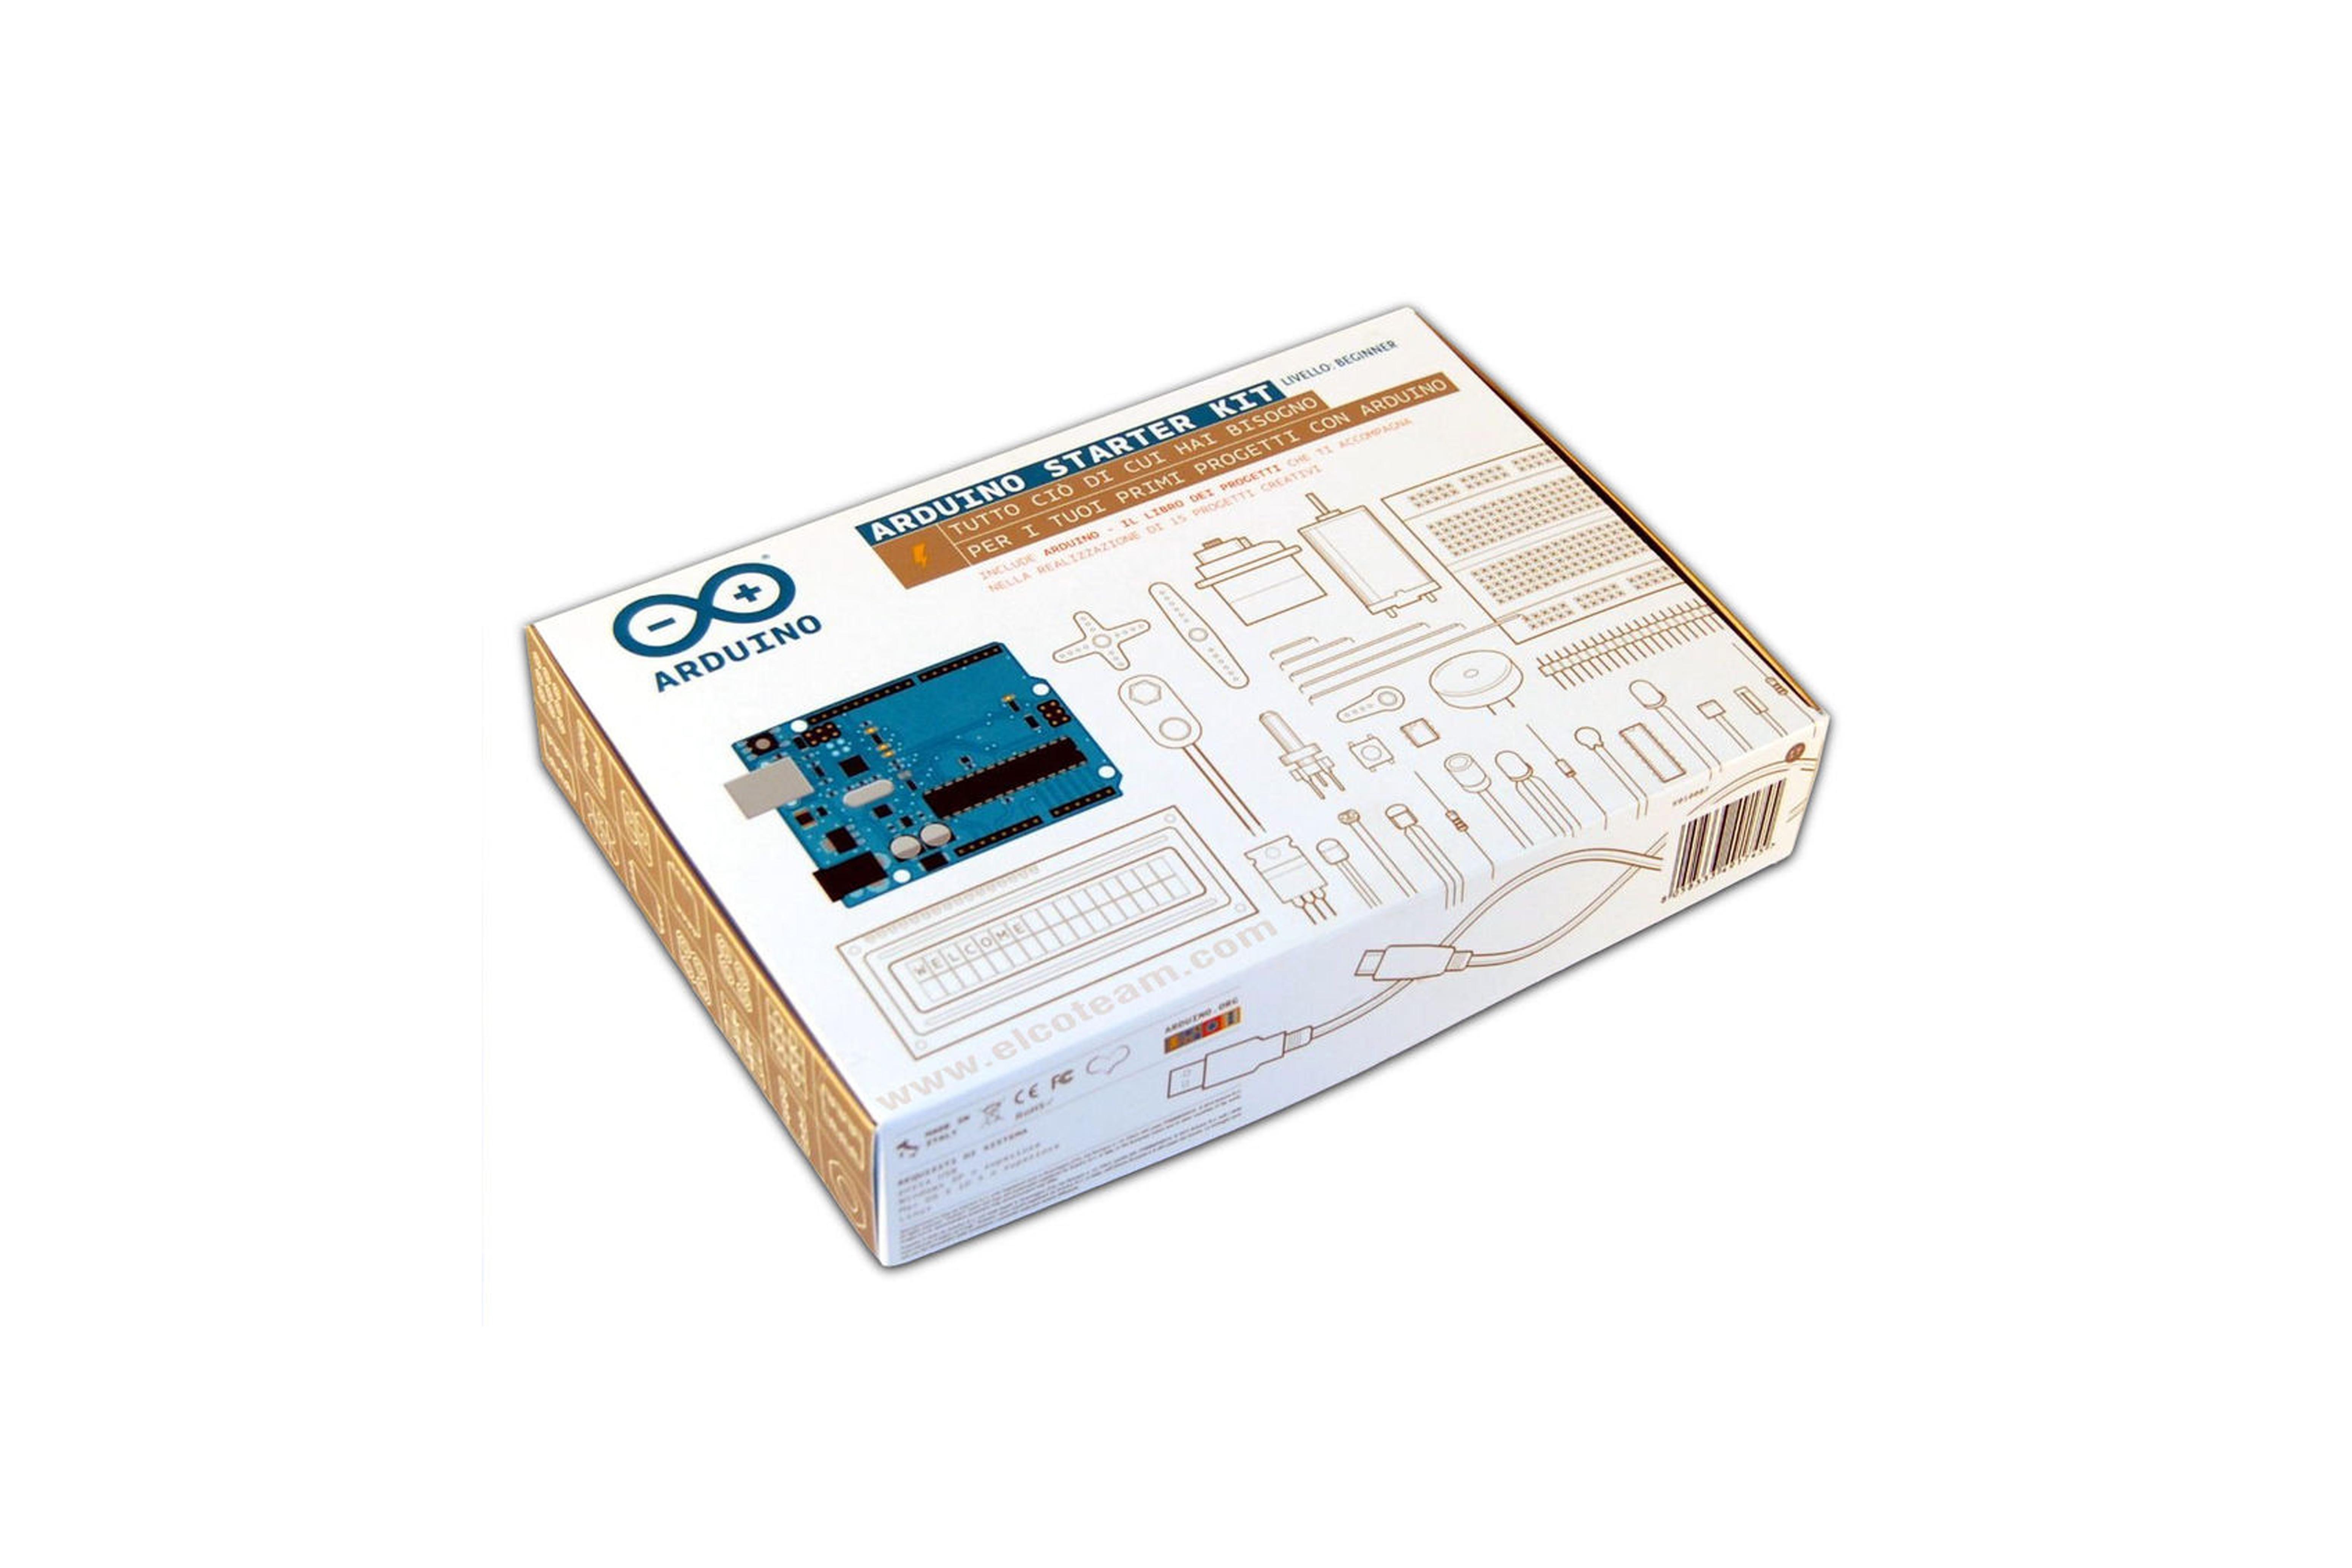 Kit de démarrage Arduino Italie